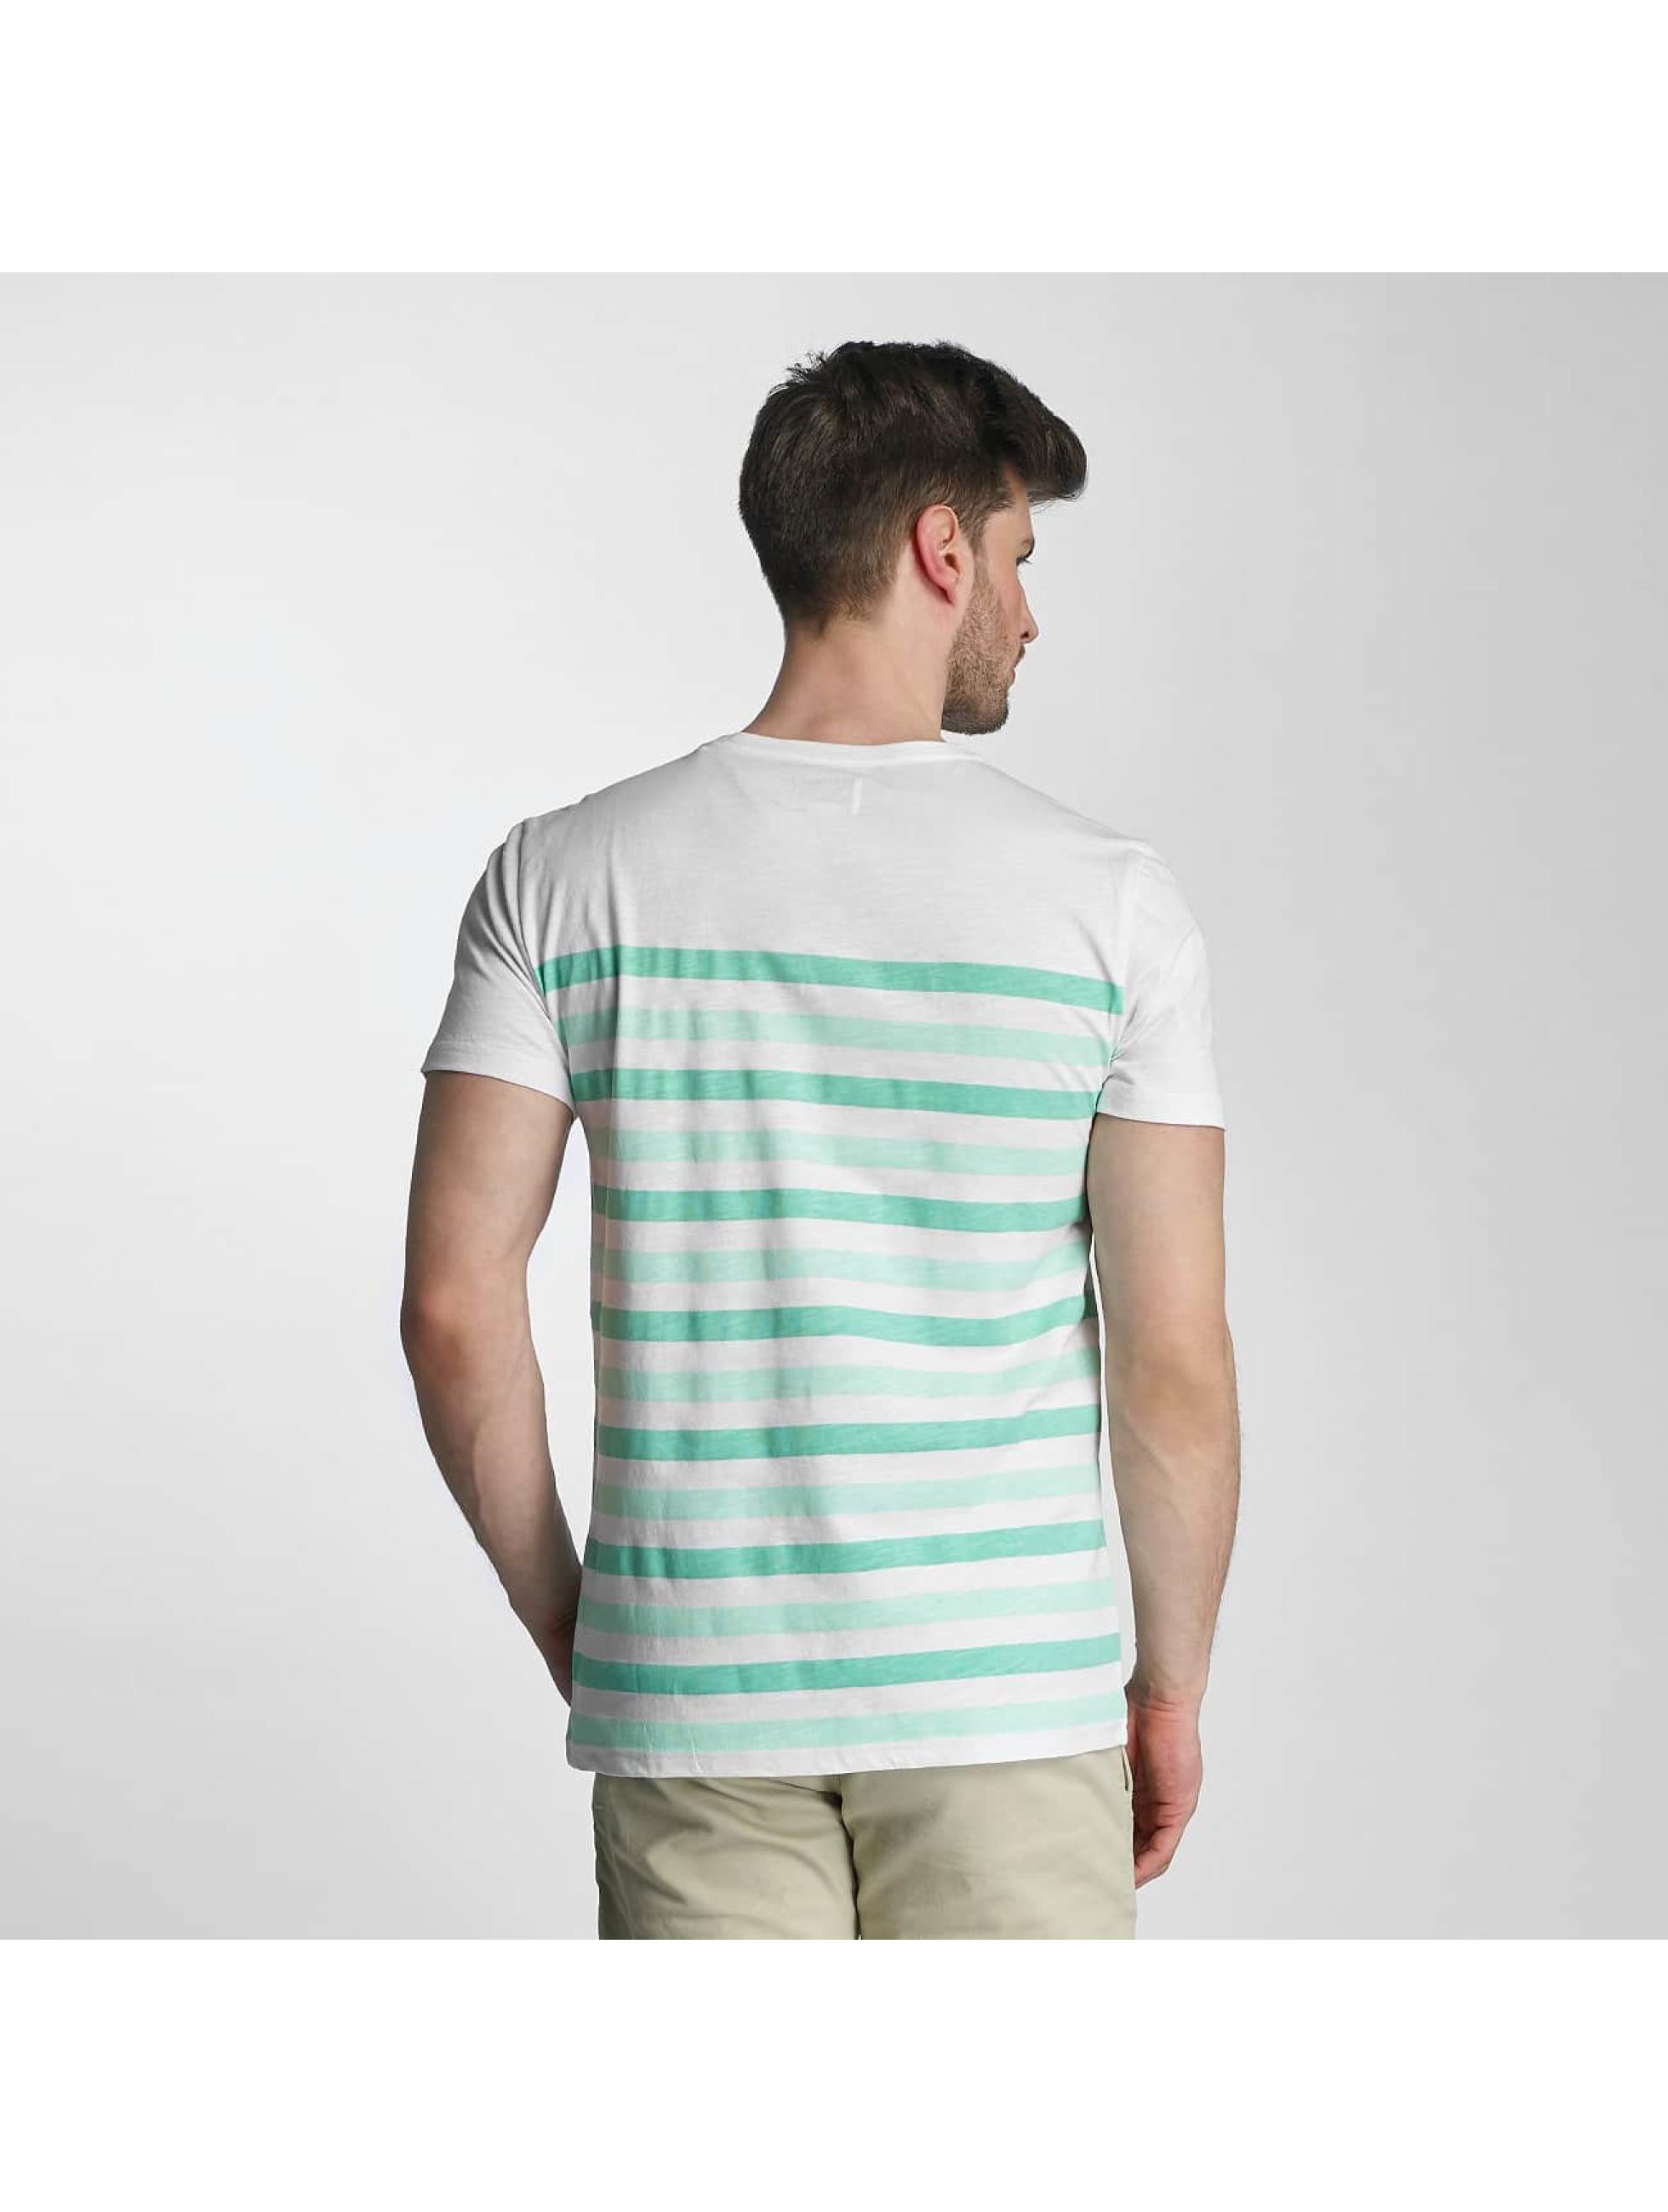 SHINE Original T-shirt Striped verde